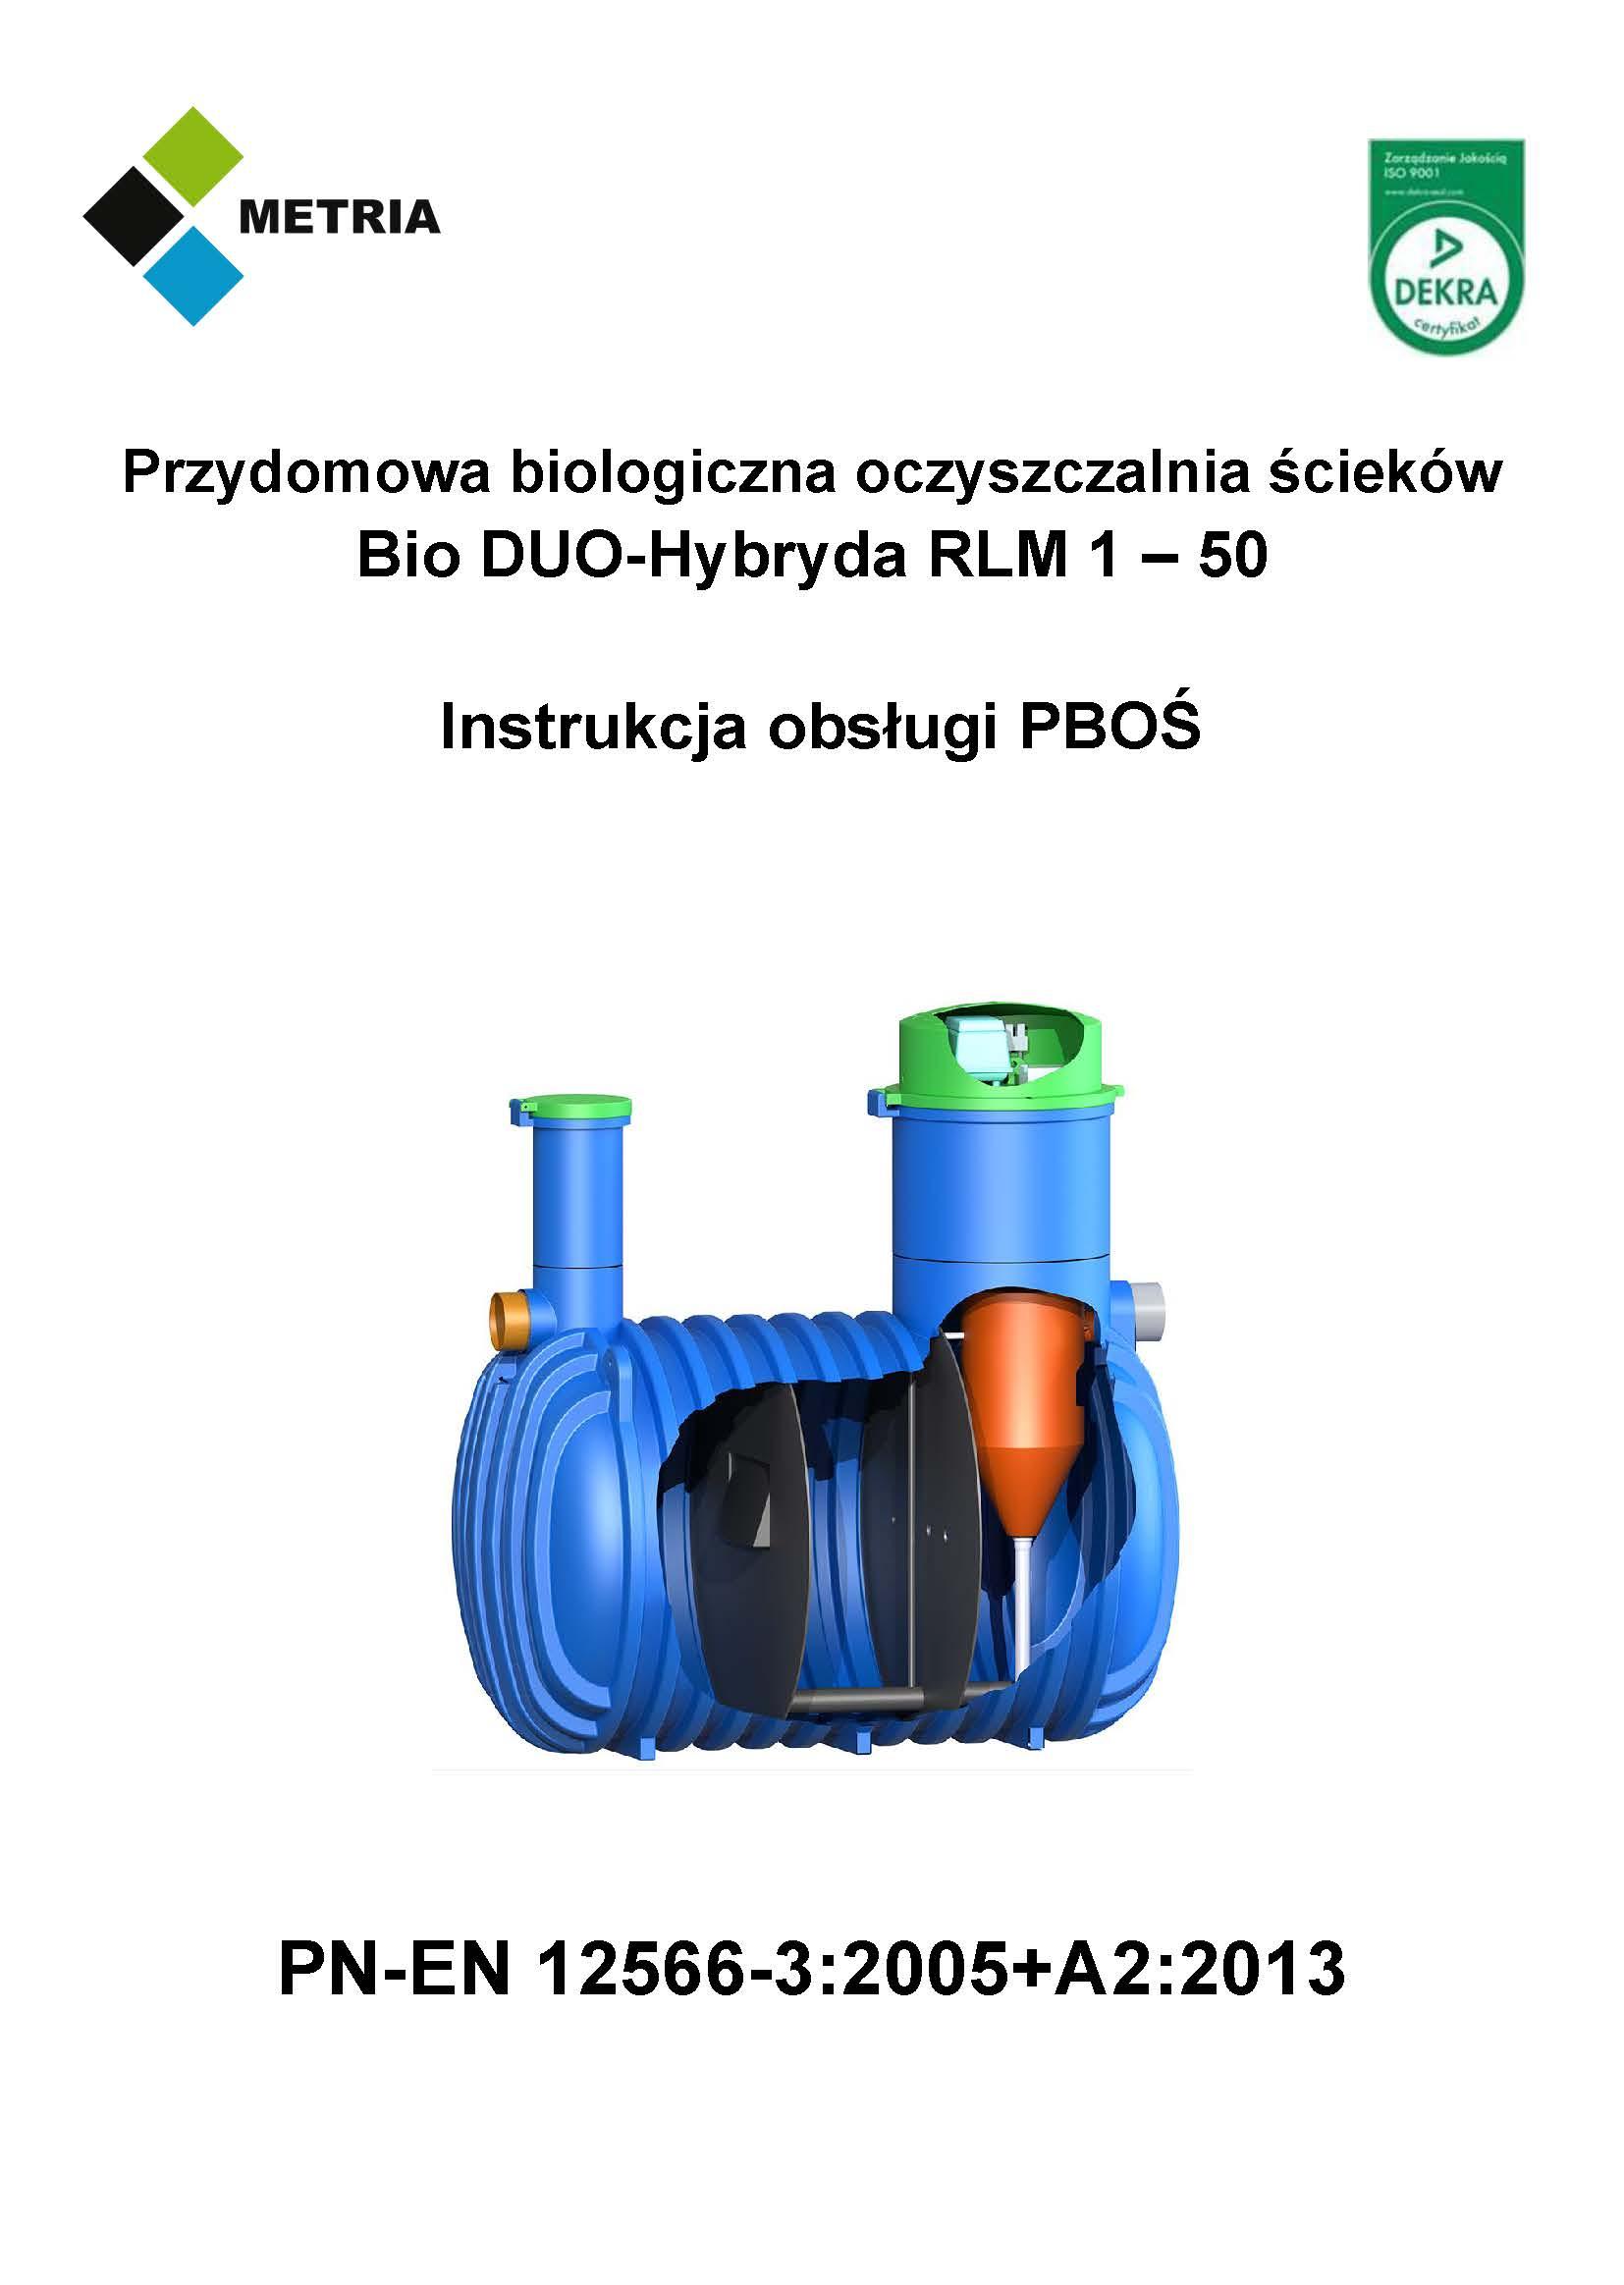 Przydomowa biologiczna oczyszczalnia ścieków Bio DUO-Hybryda RLM 1 – 50